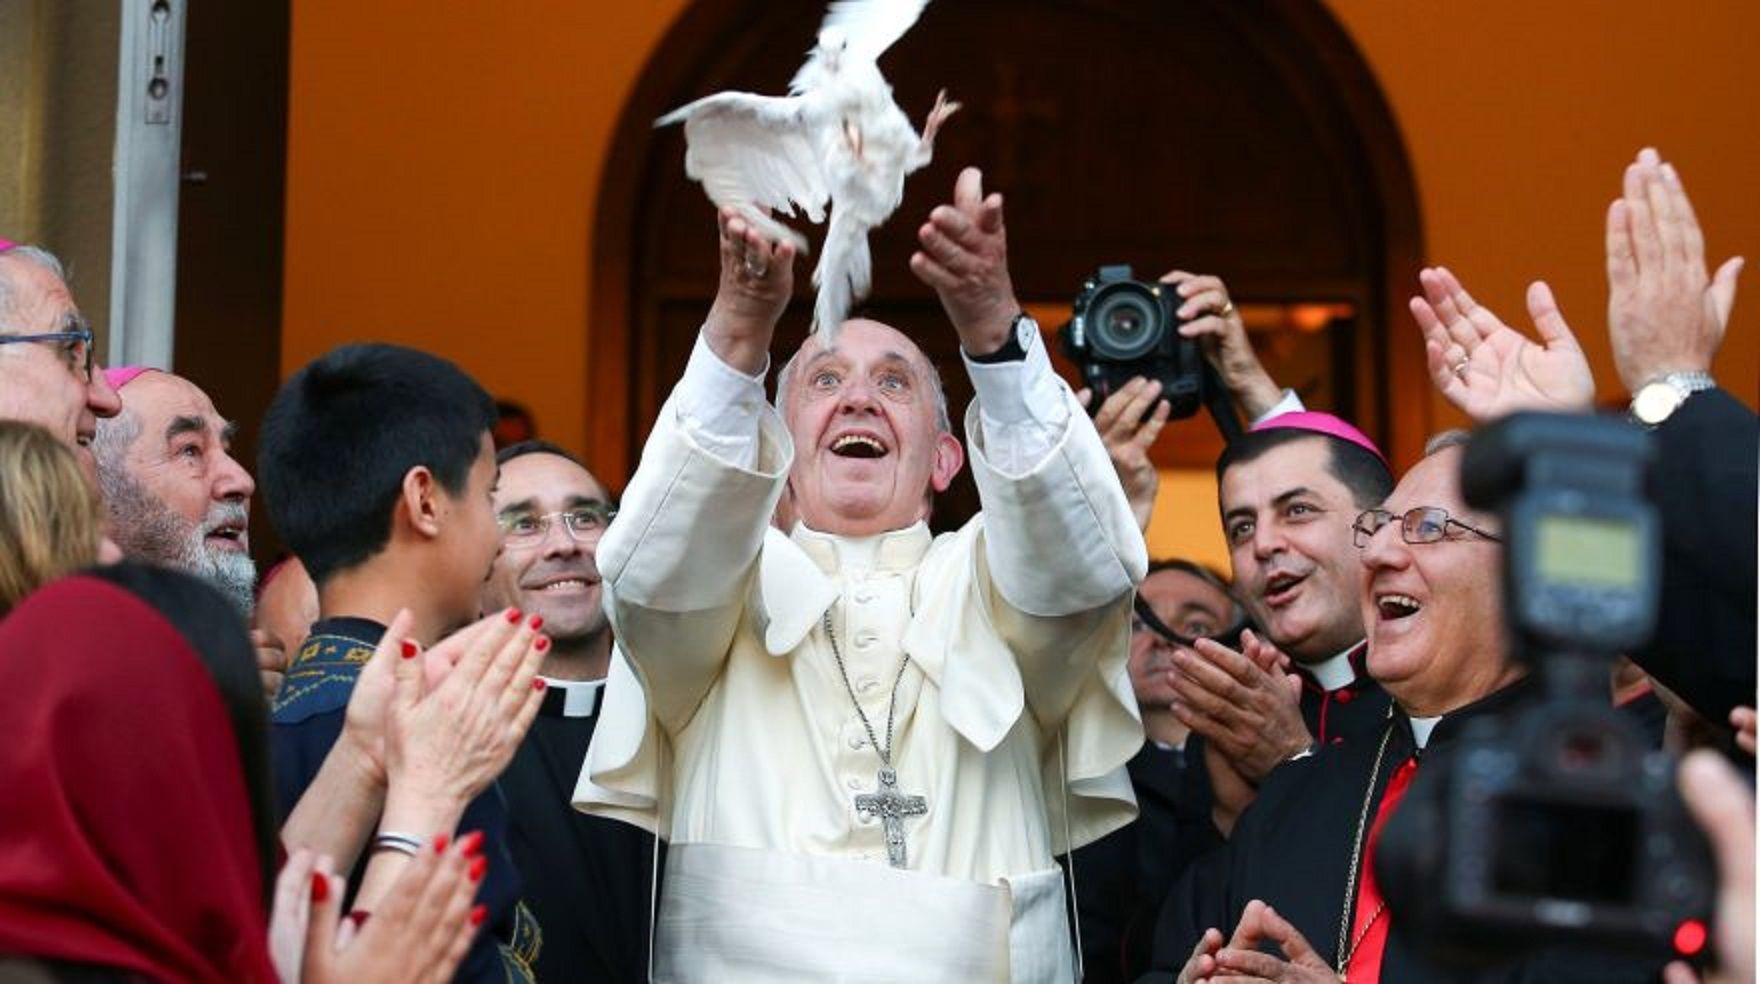 Papa Francisco (Vaticano) ha mostrado su labor en la lucha en contra de la desigualdad y la pobreza